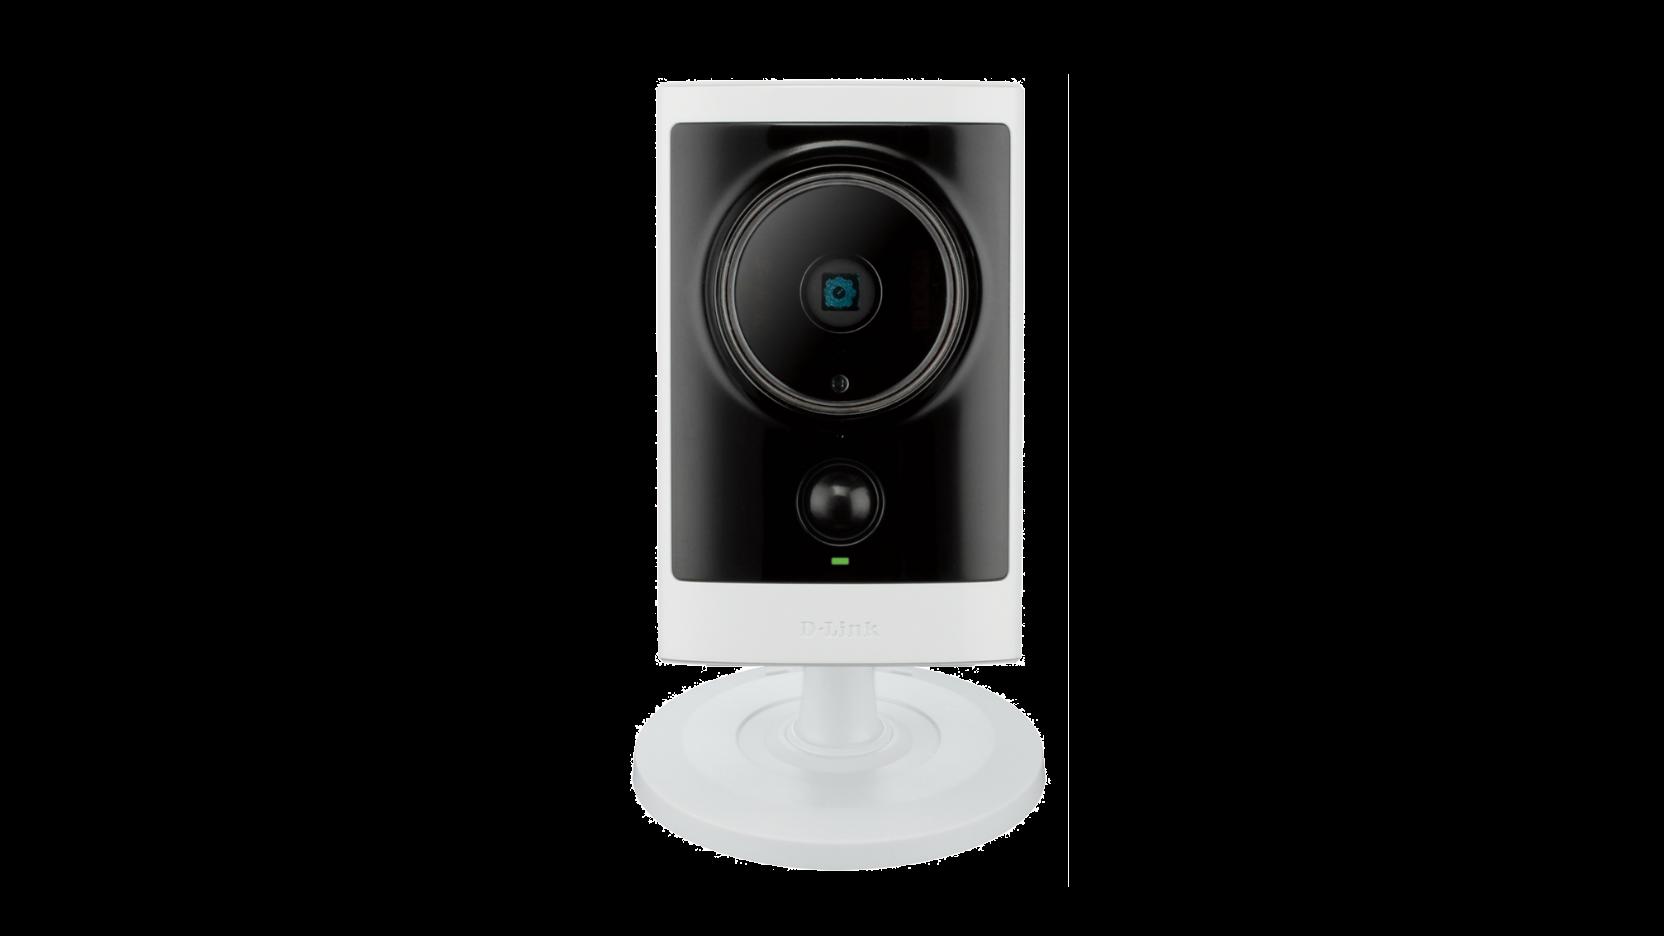 D-Link DCS-2310L Network Camera 64x